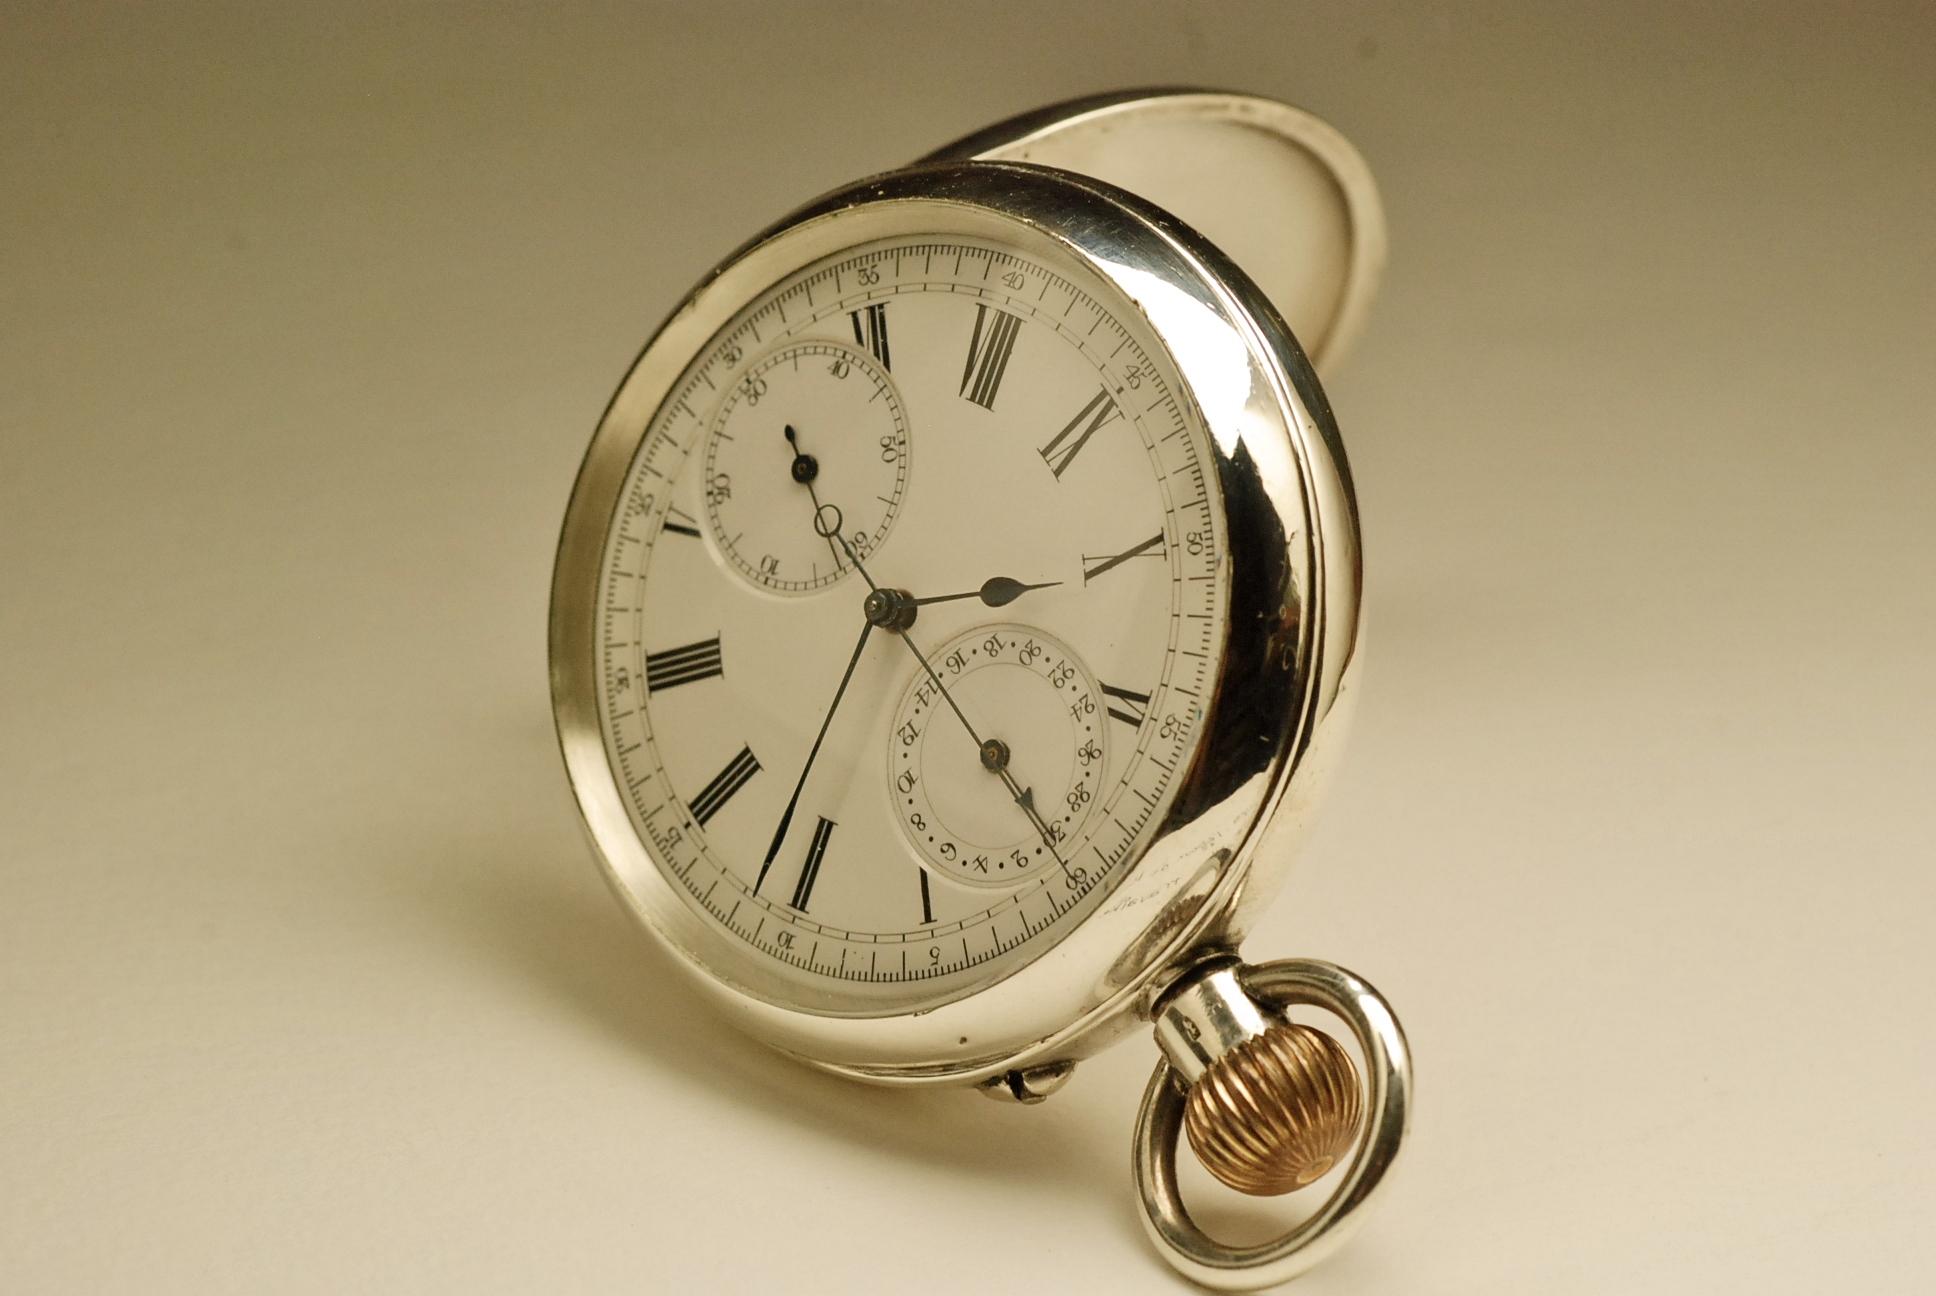 ancienne montre gousset chronographe anglais argent. Black Bedroom Furniture Sets. Home Design Ideas